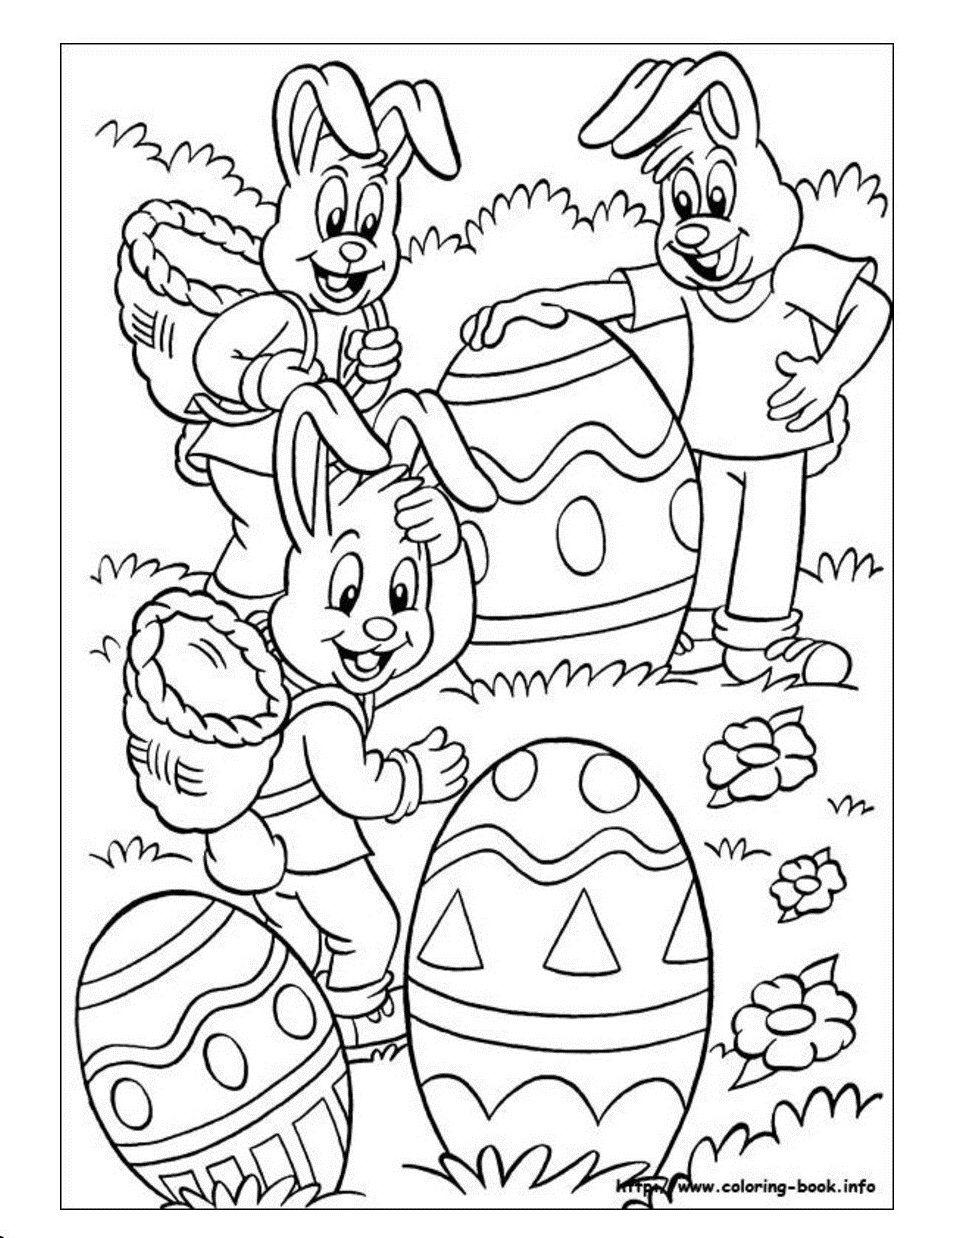 Grote Eieren Knutselen Pasen Kleurboek Kleurrijke Tekeningen